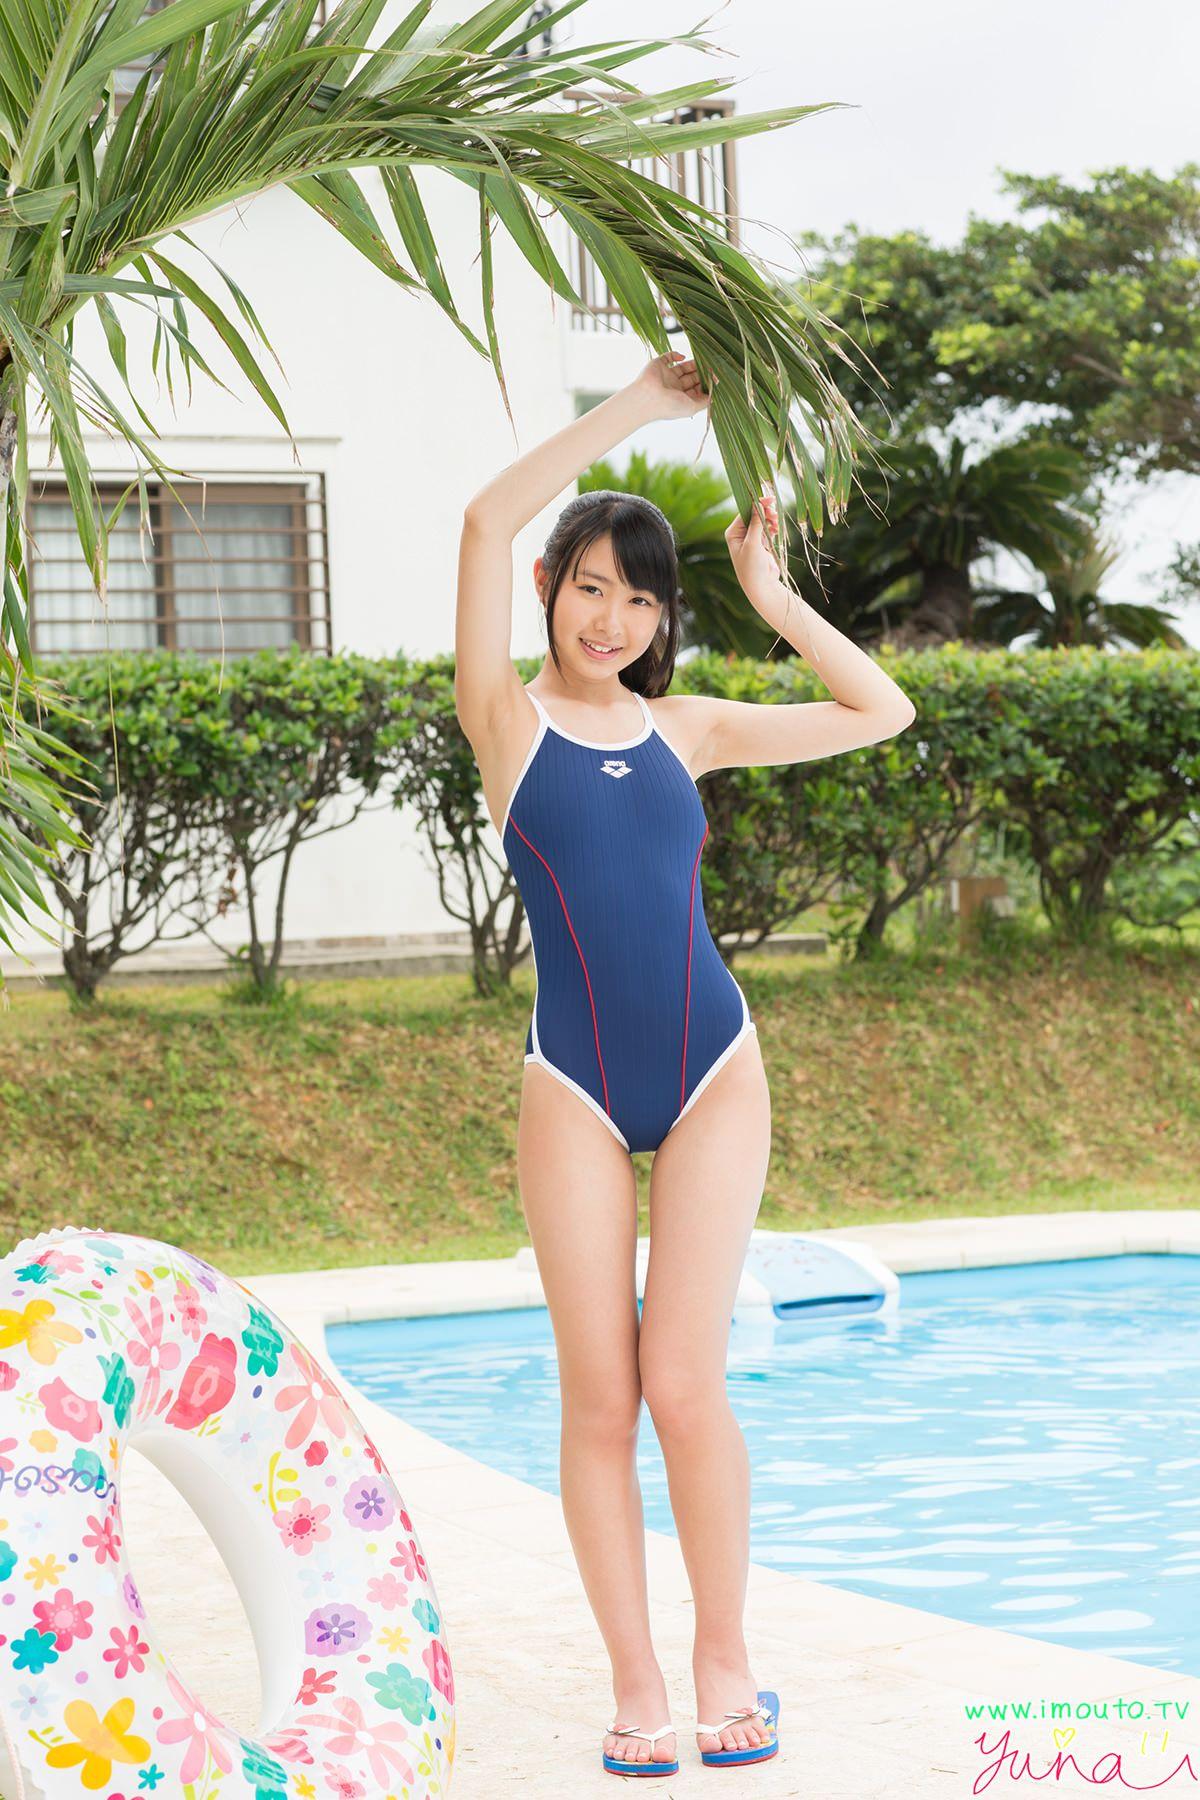 ジュニアアイドル 競泳用水着 ギリギリ水着究極チラリズムPLUS